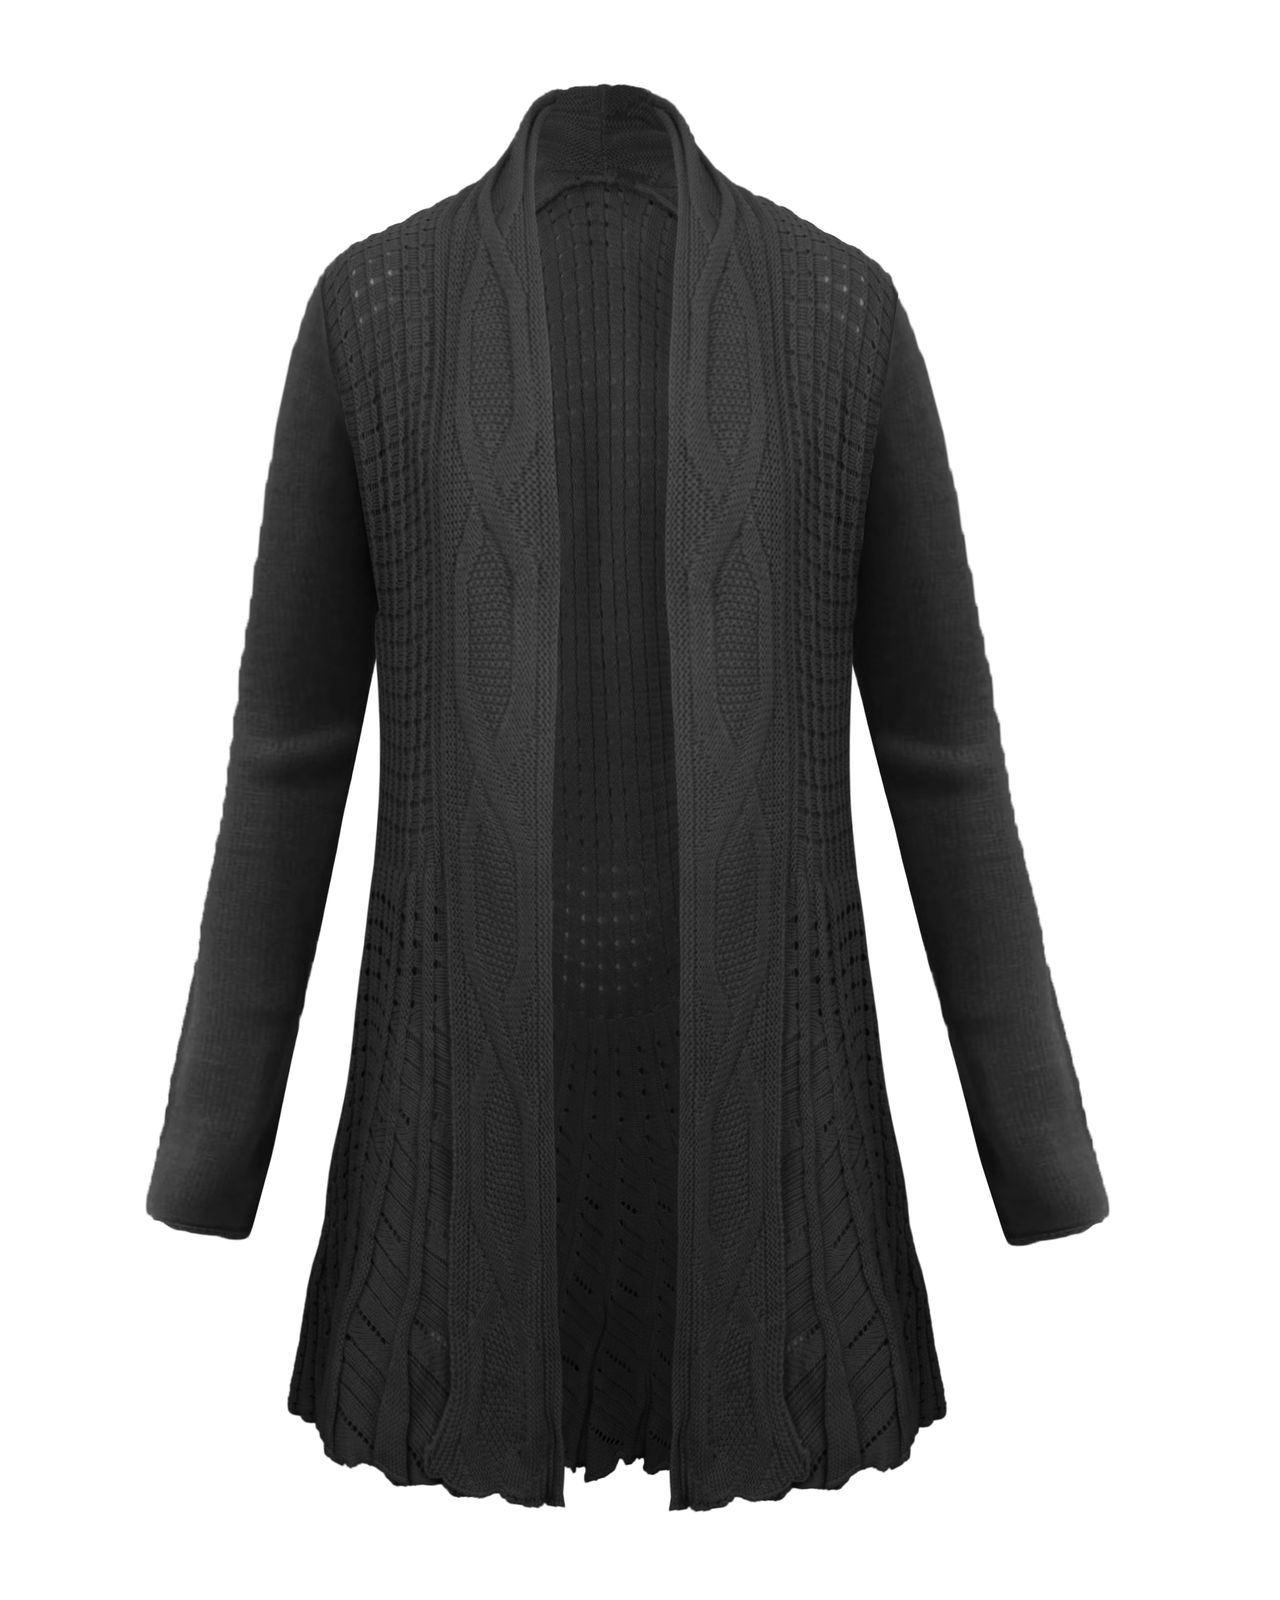 strickjacke pullover damen zopfmuster gestrickt boyfriend offen lang 36 42 ebay. Black Bedroom Furniture Sets. Home Design Ideas